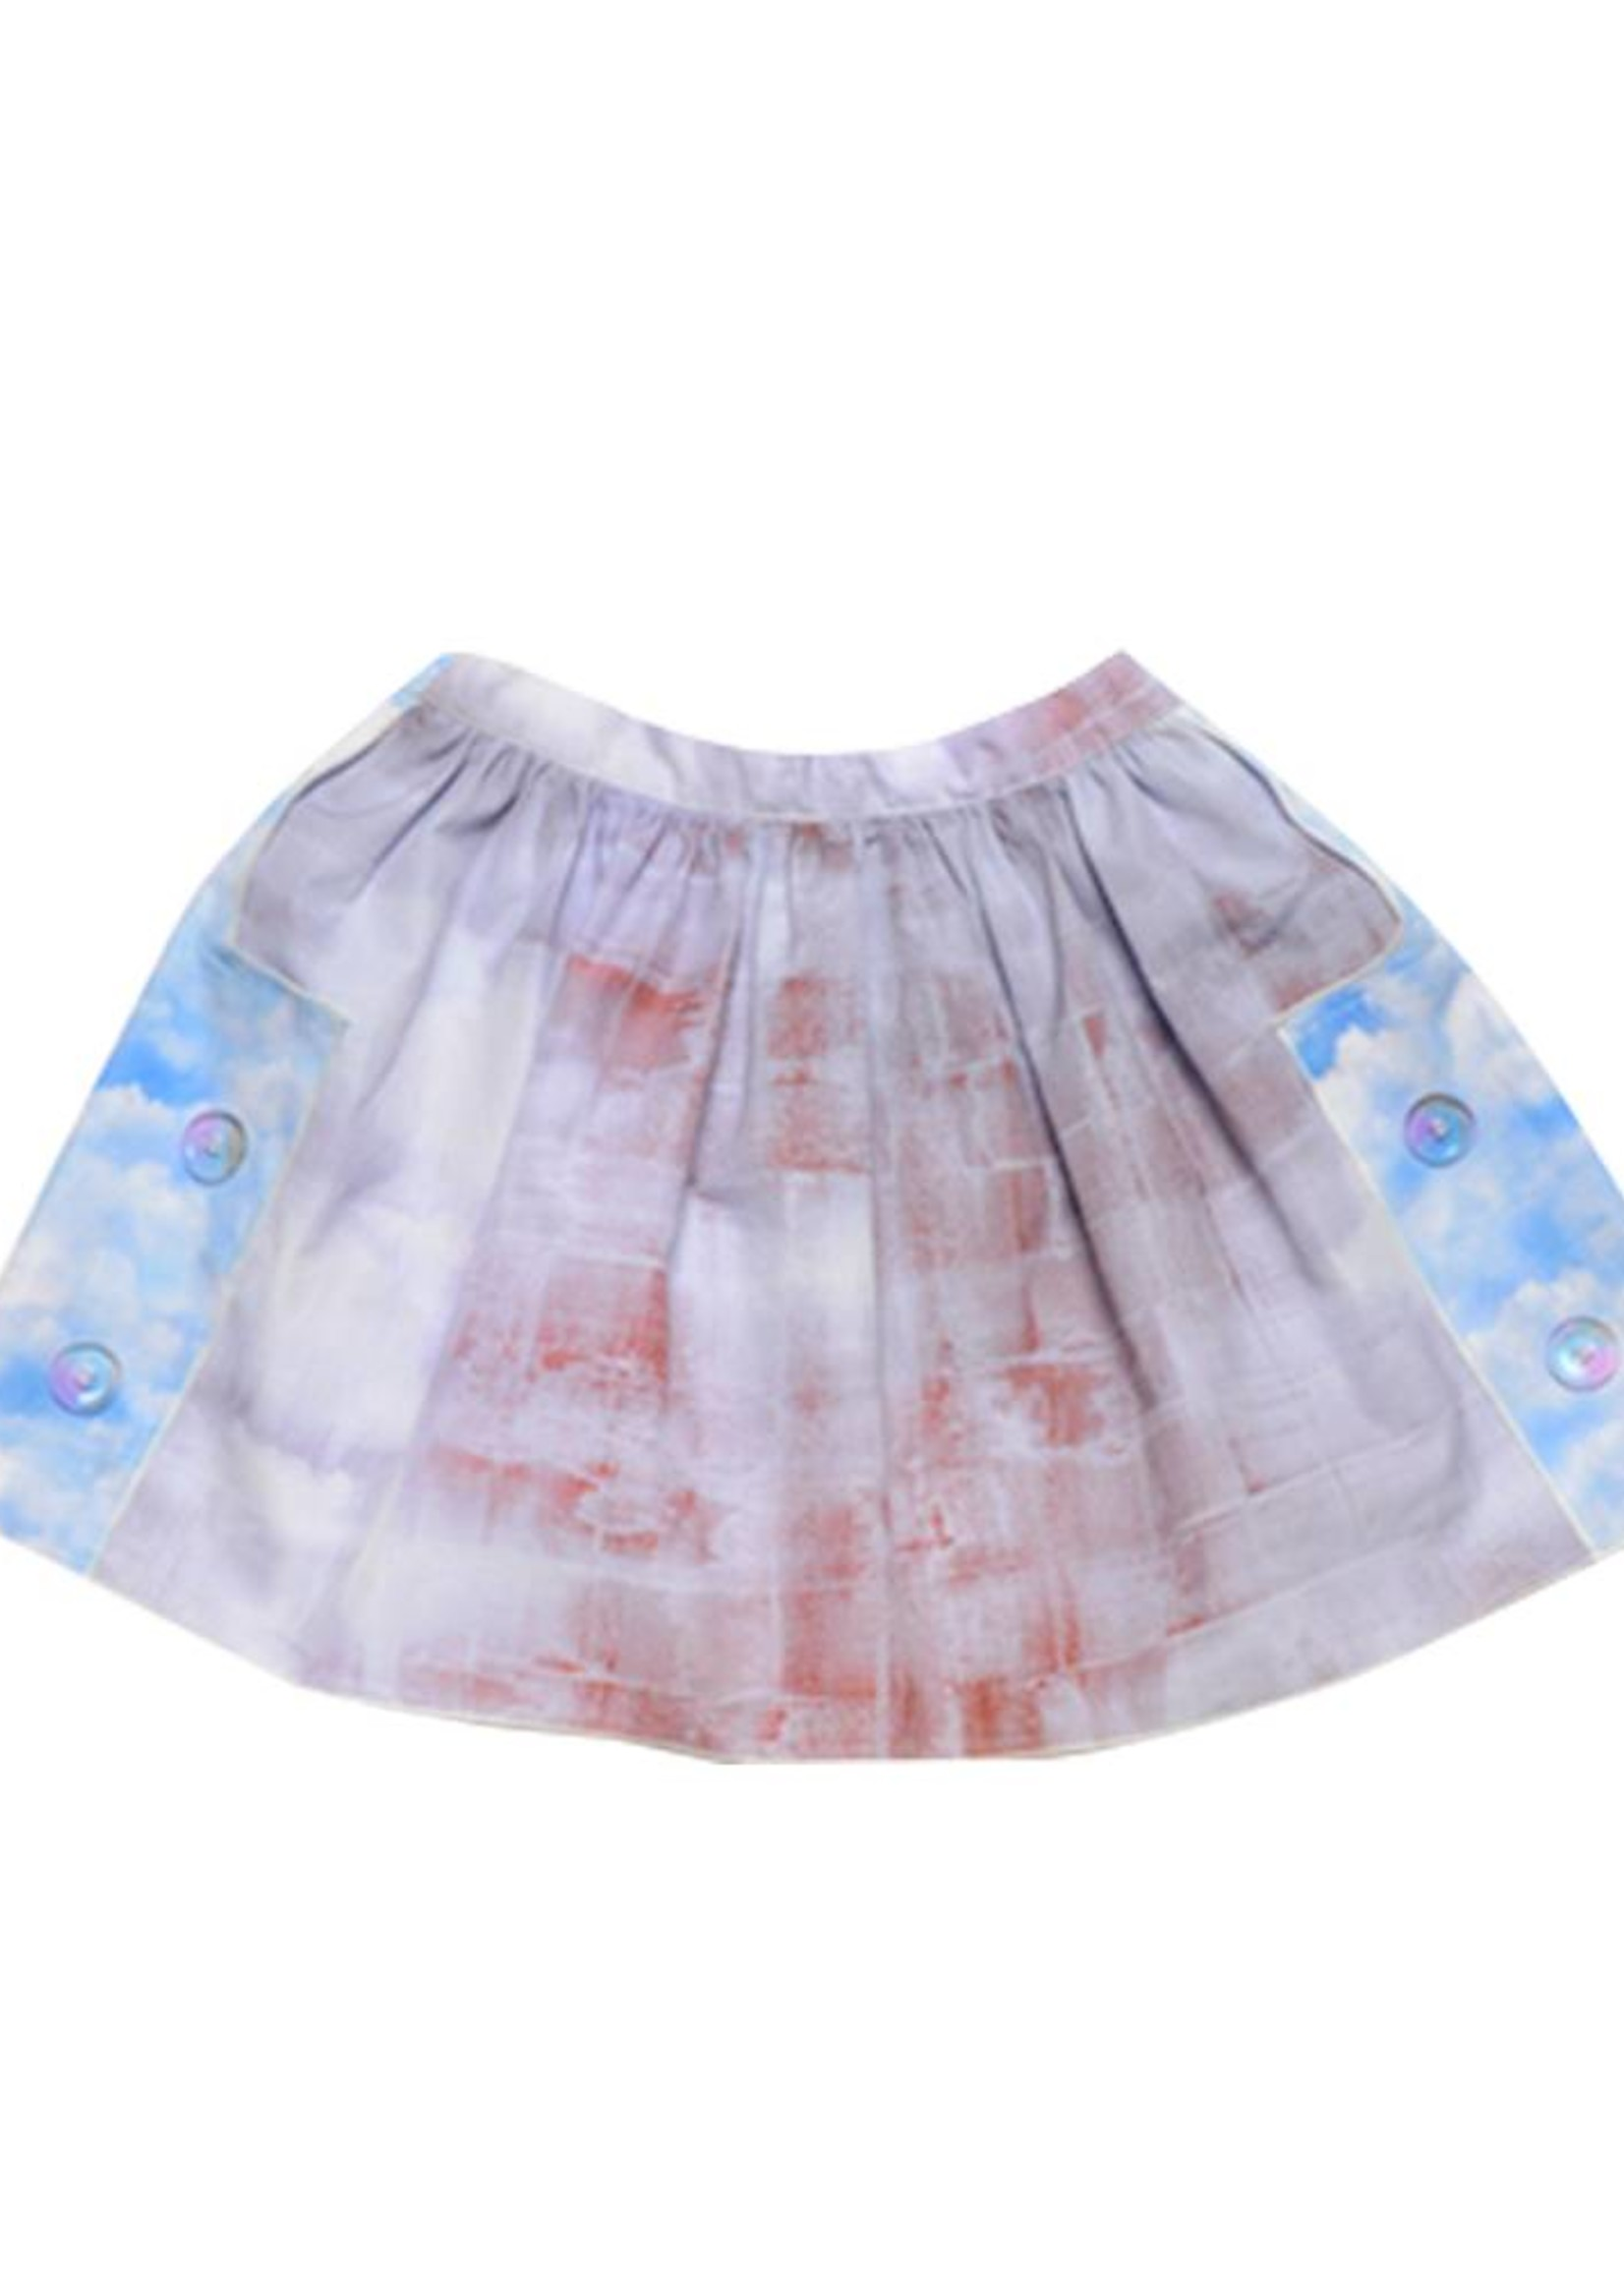 Leoca Leoca Skirt Champs